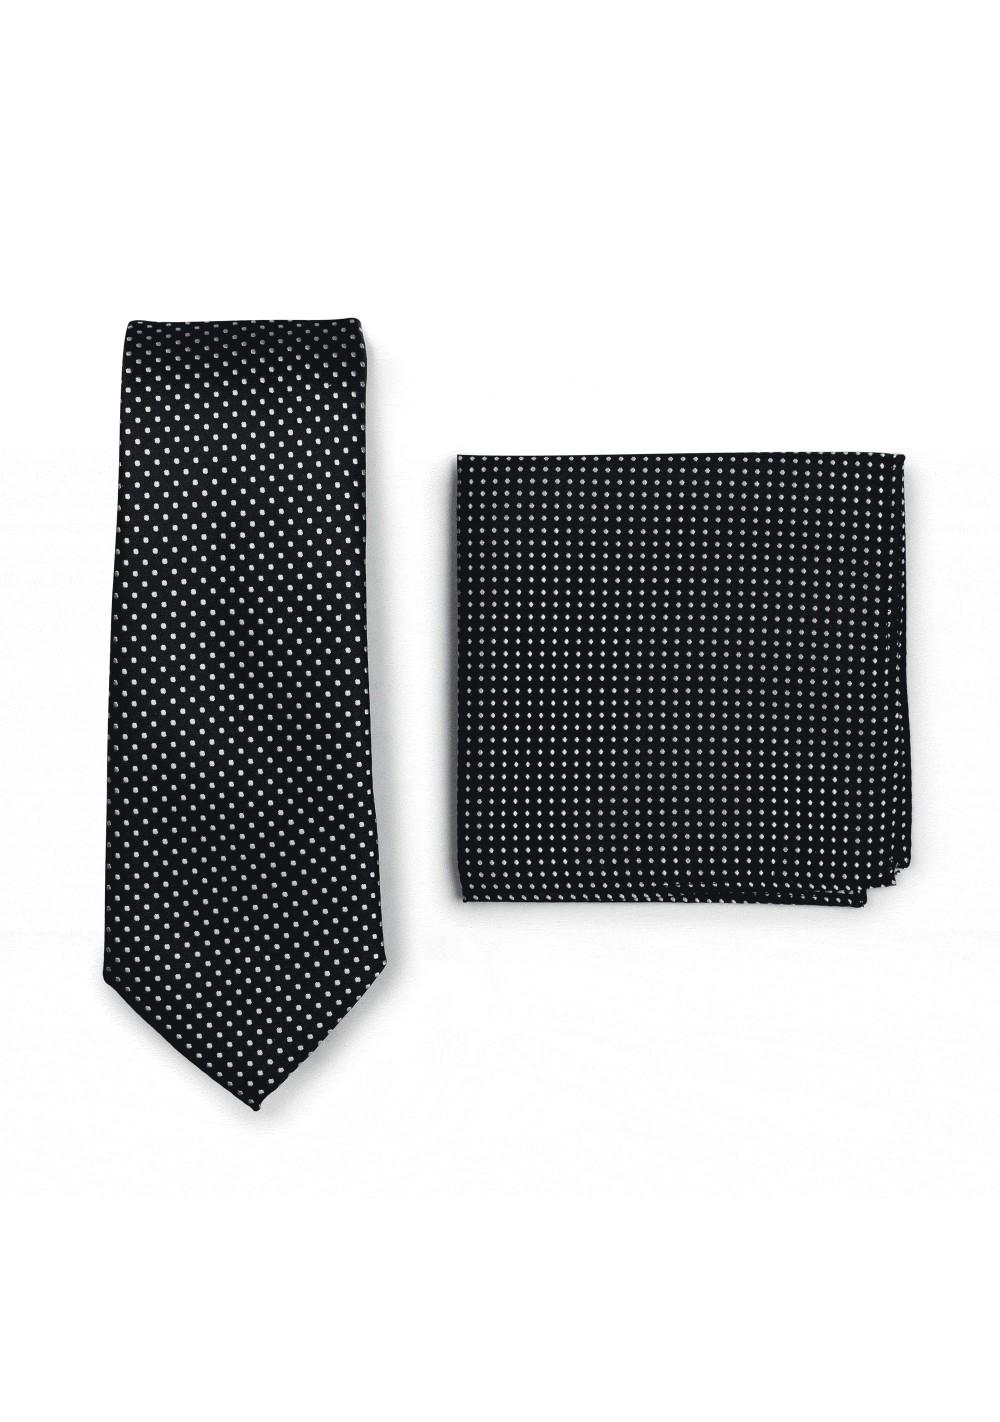 Slim Pin Dot Tie and Hanky Set in Black